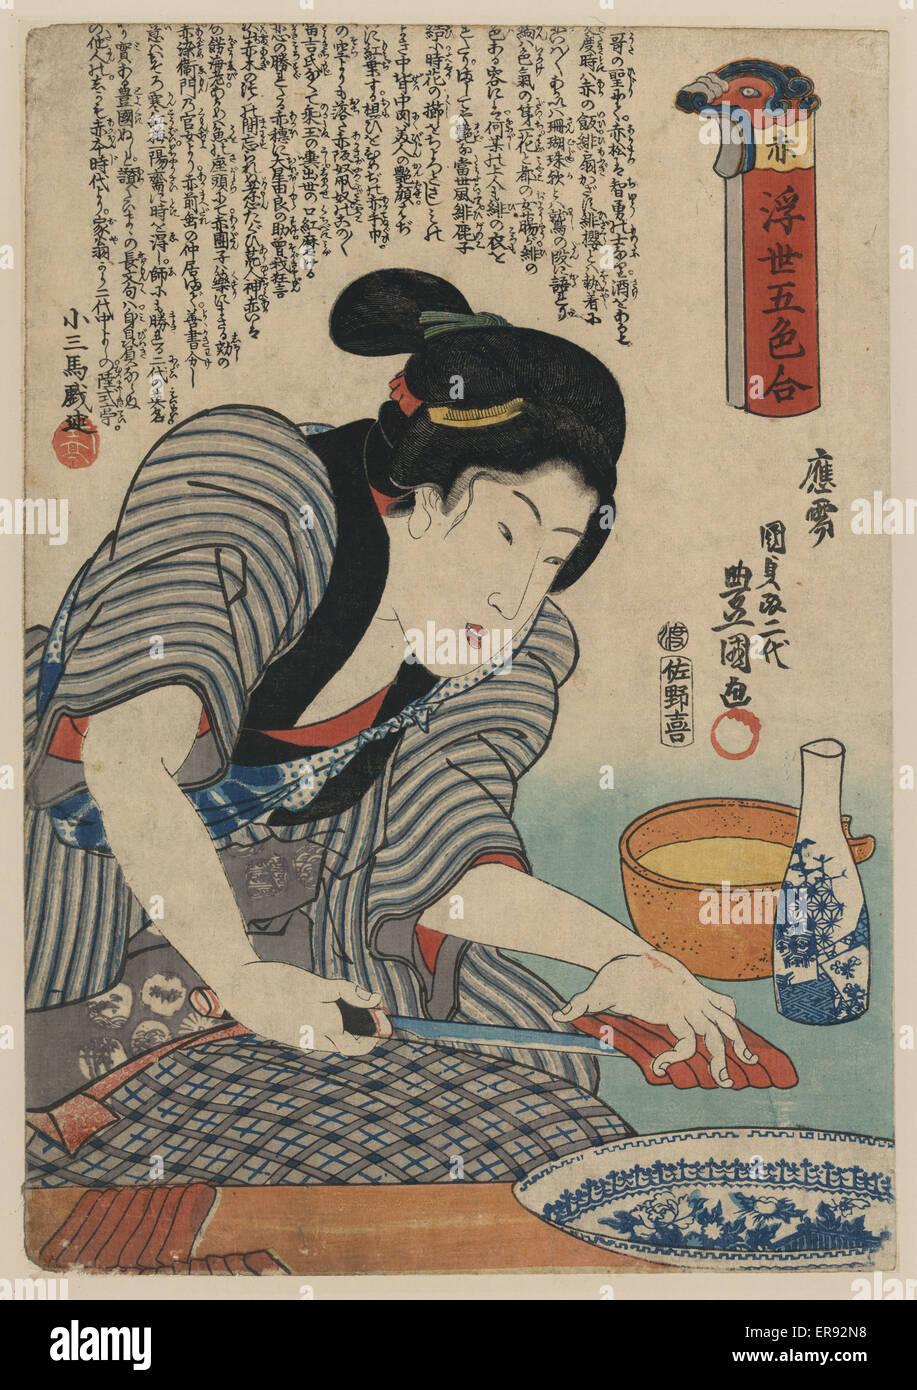 Roten japanischen Japan druckt Holzschnitte Holzschnitte Stockbild